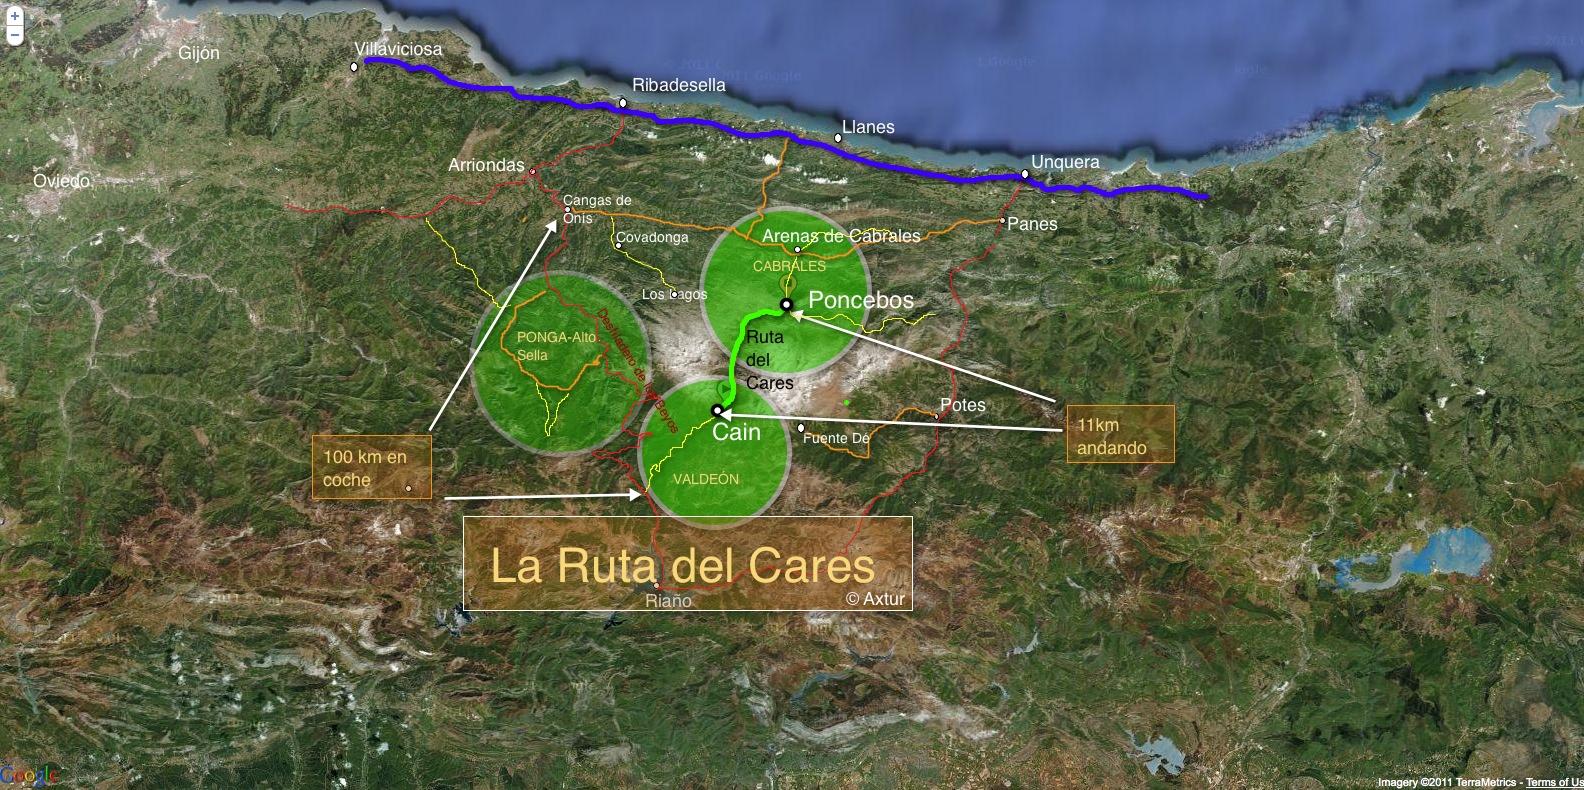 Ruta Del Cares Mapa.Ruta Del Cares Con Ninos Como Hacerla Cain O Poncebos